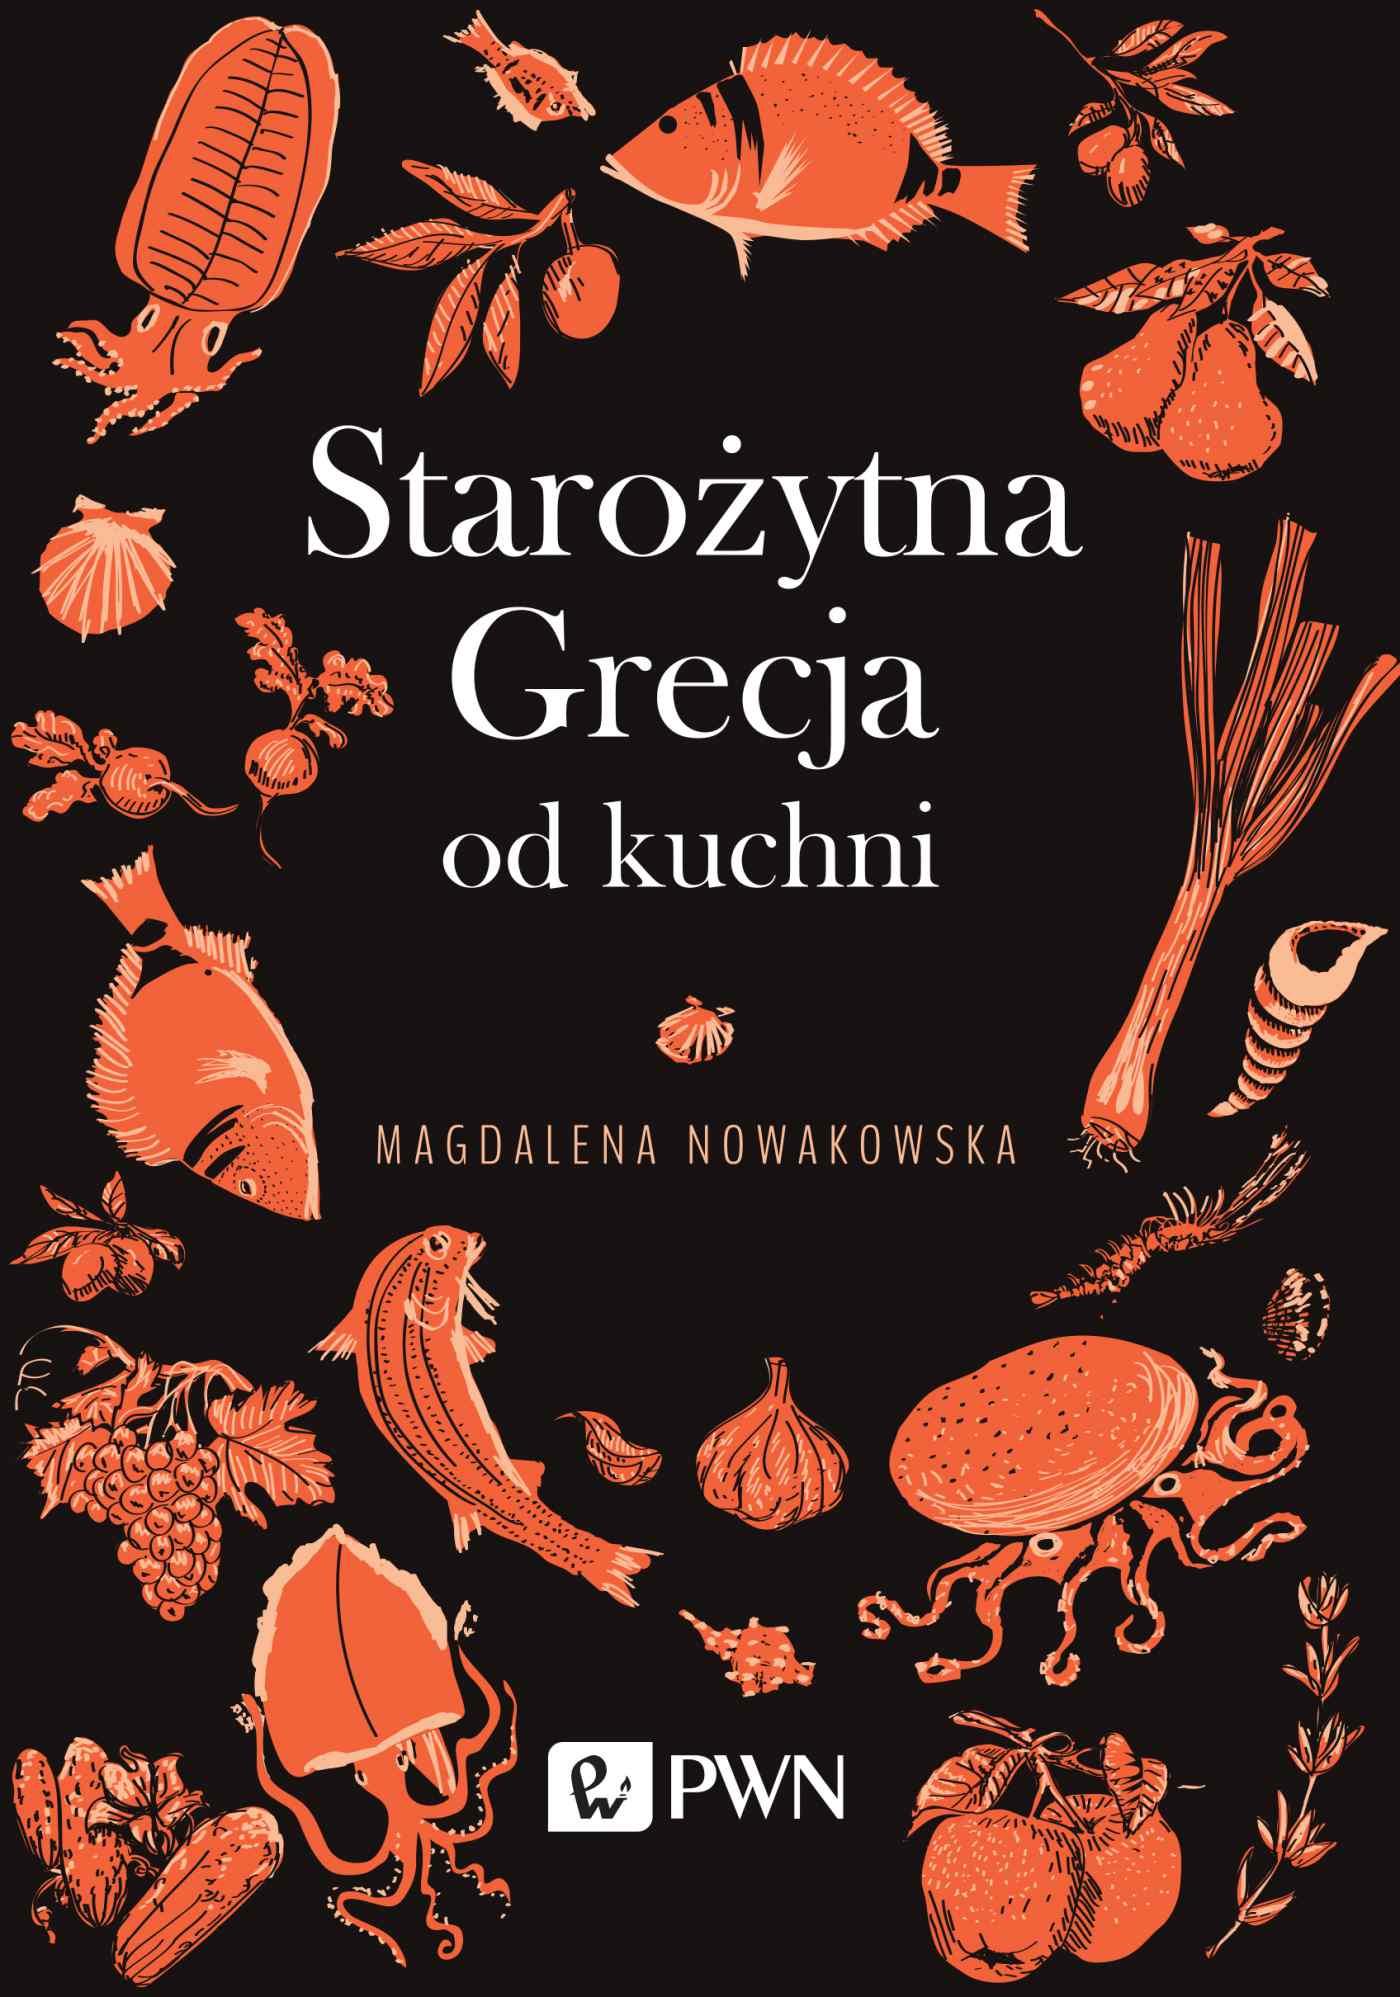 Starożytna Grecja od kuchni - Ebook (Książka EPUB) do pobrania w formacie EPUB